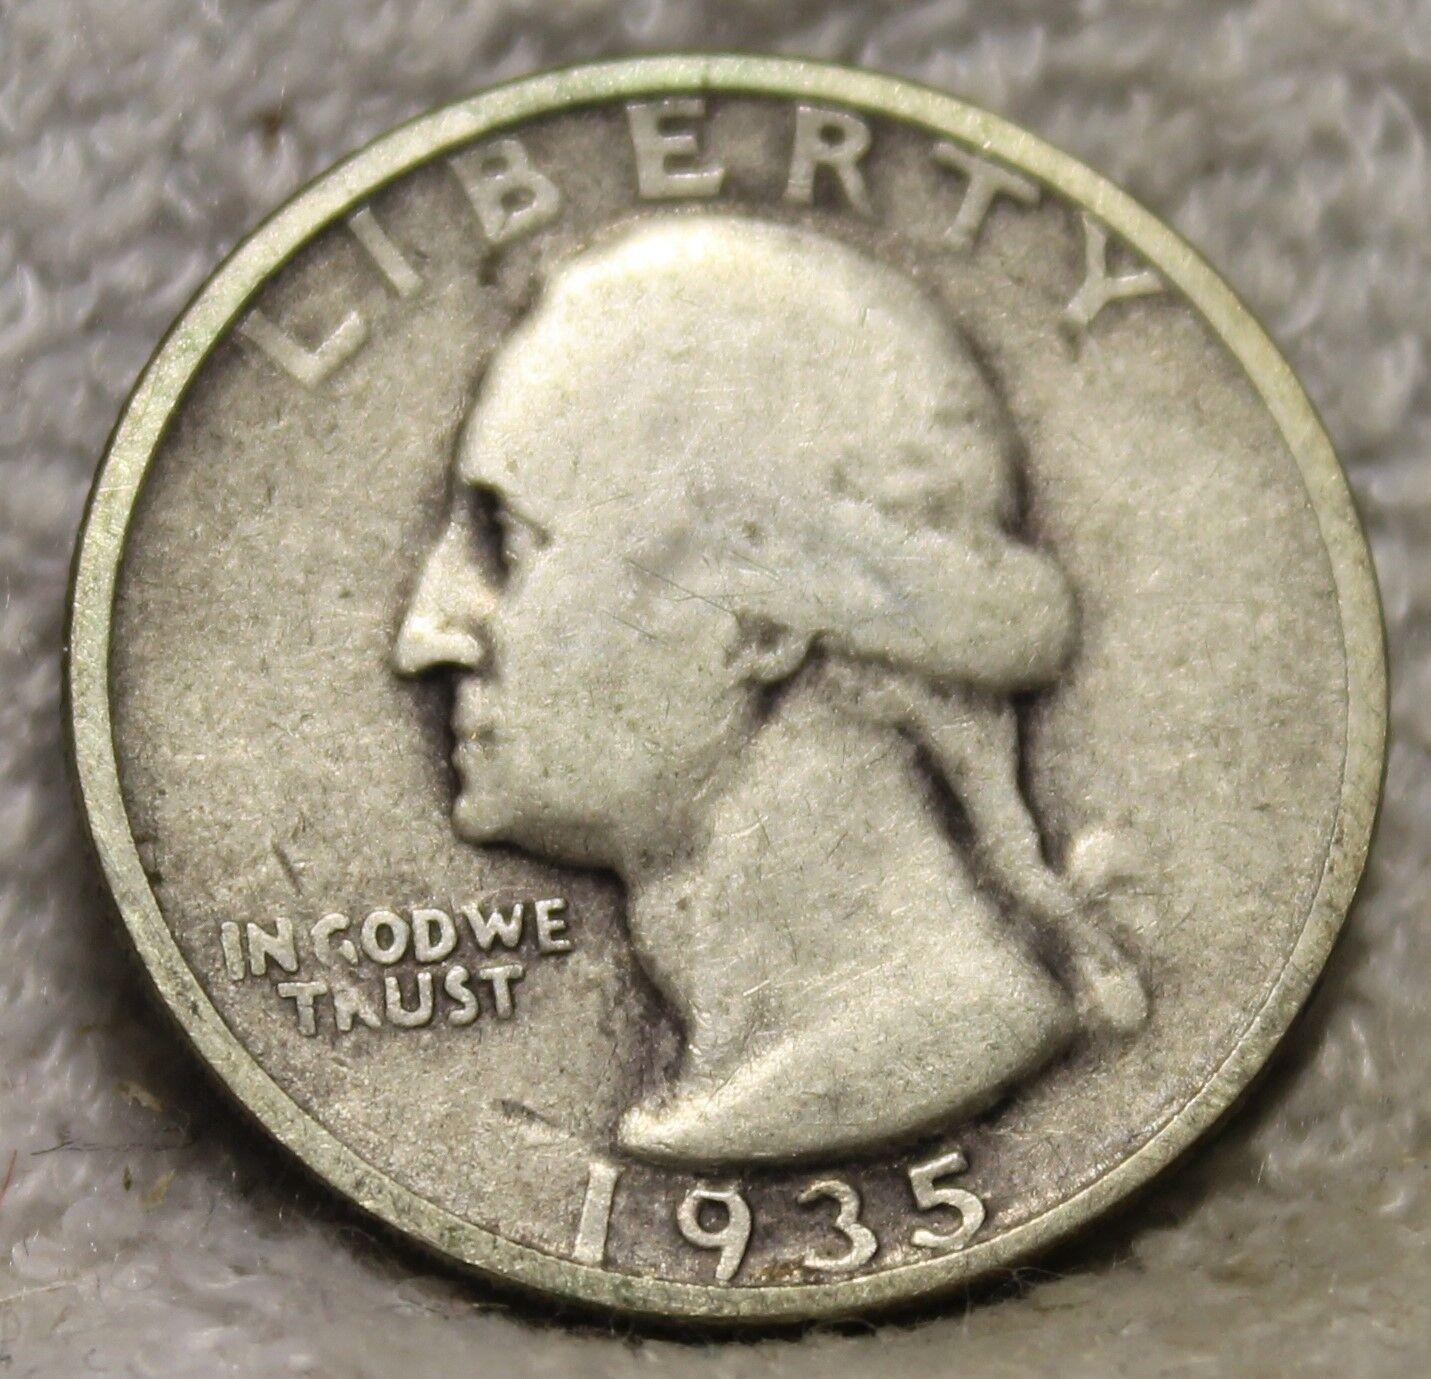 1935D Washington Quarter - $10.95